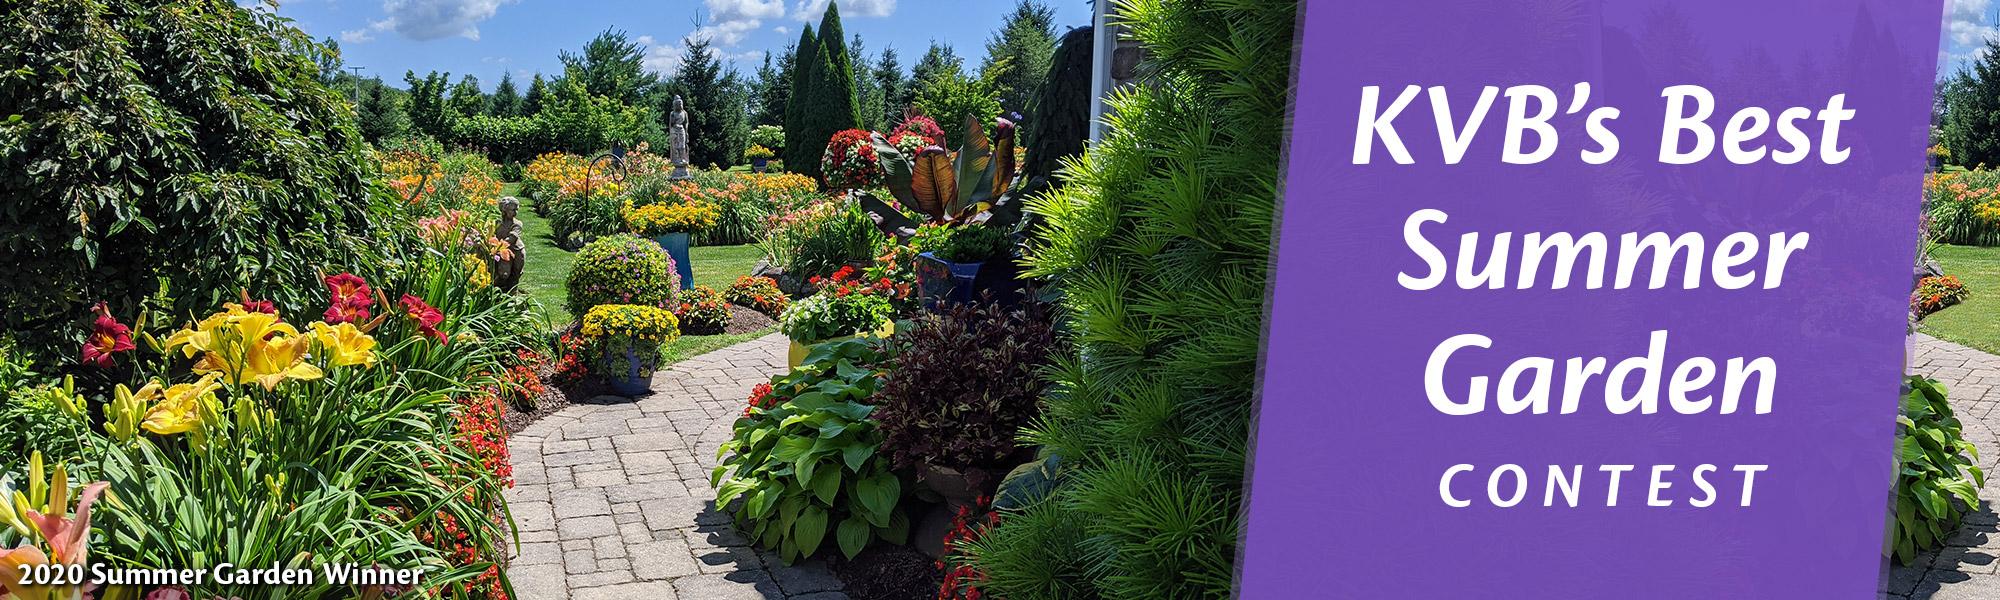 Summer Garden Contest